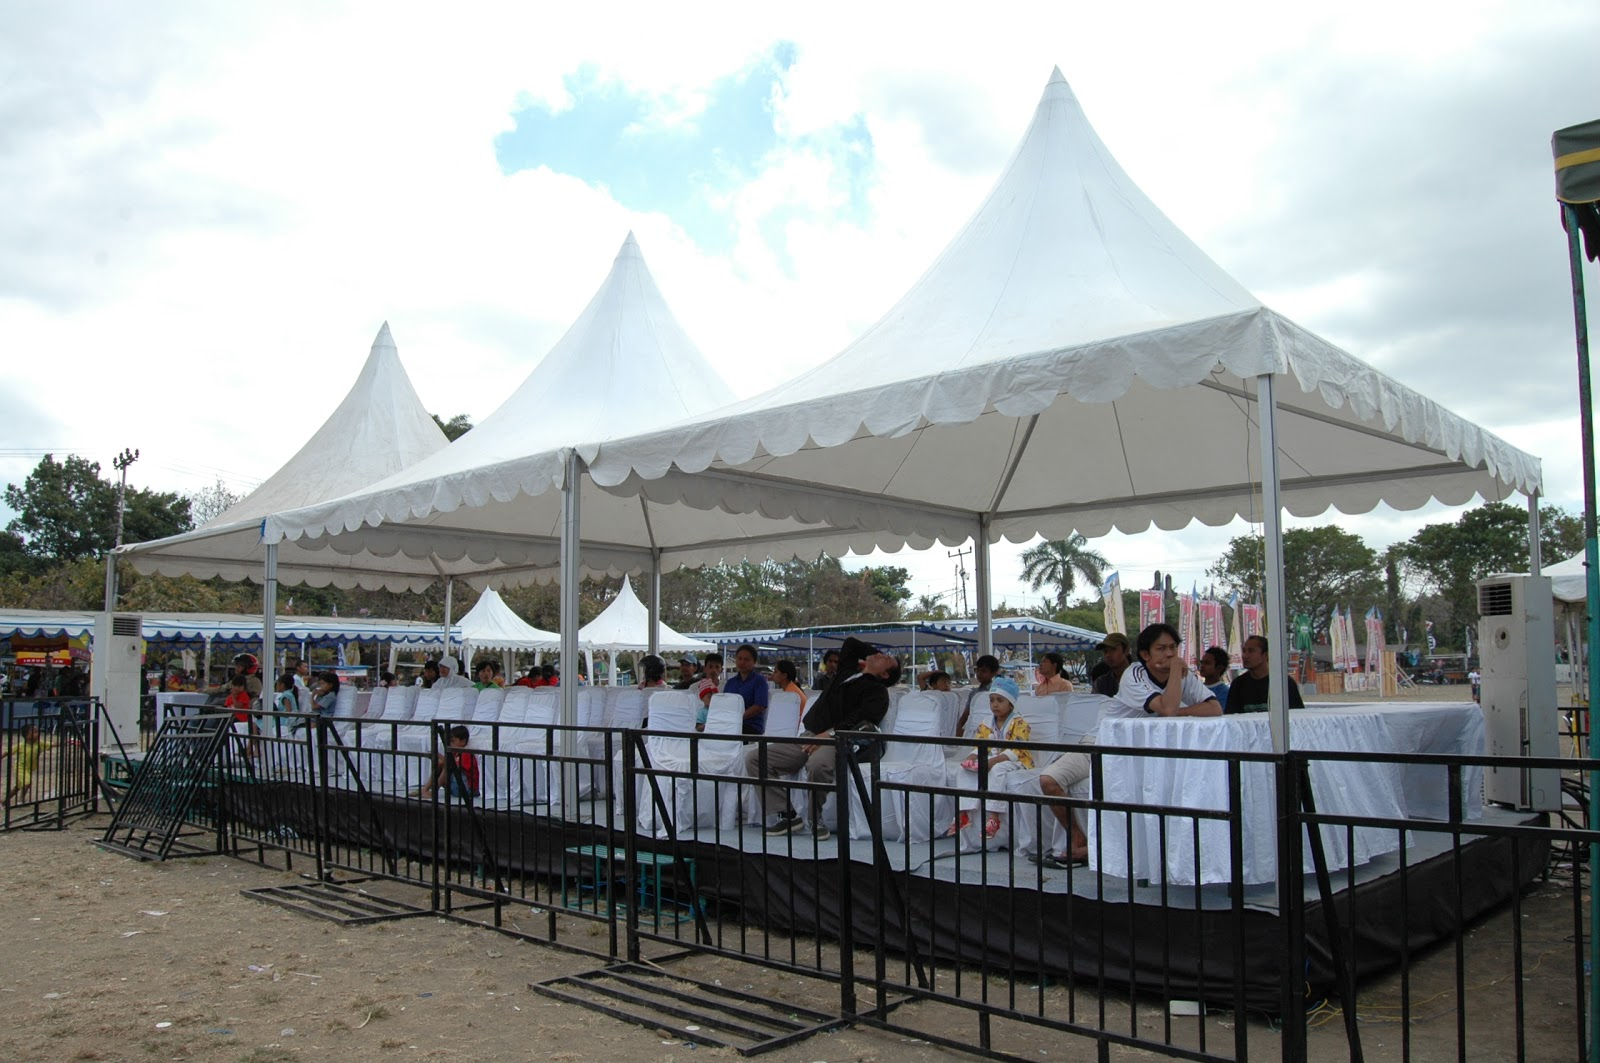 Sewa Tenda Dan Peralatan Pesta Di Bali Tenda